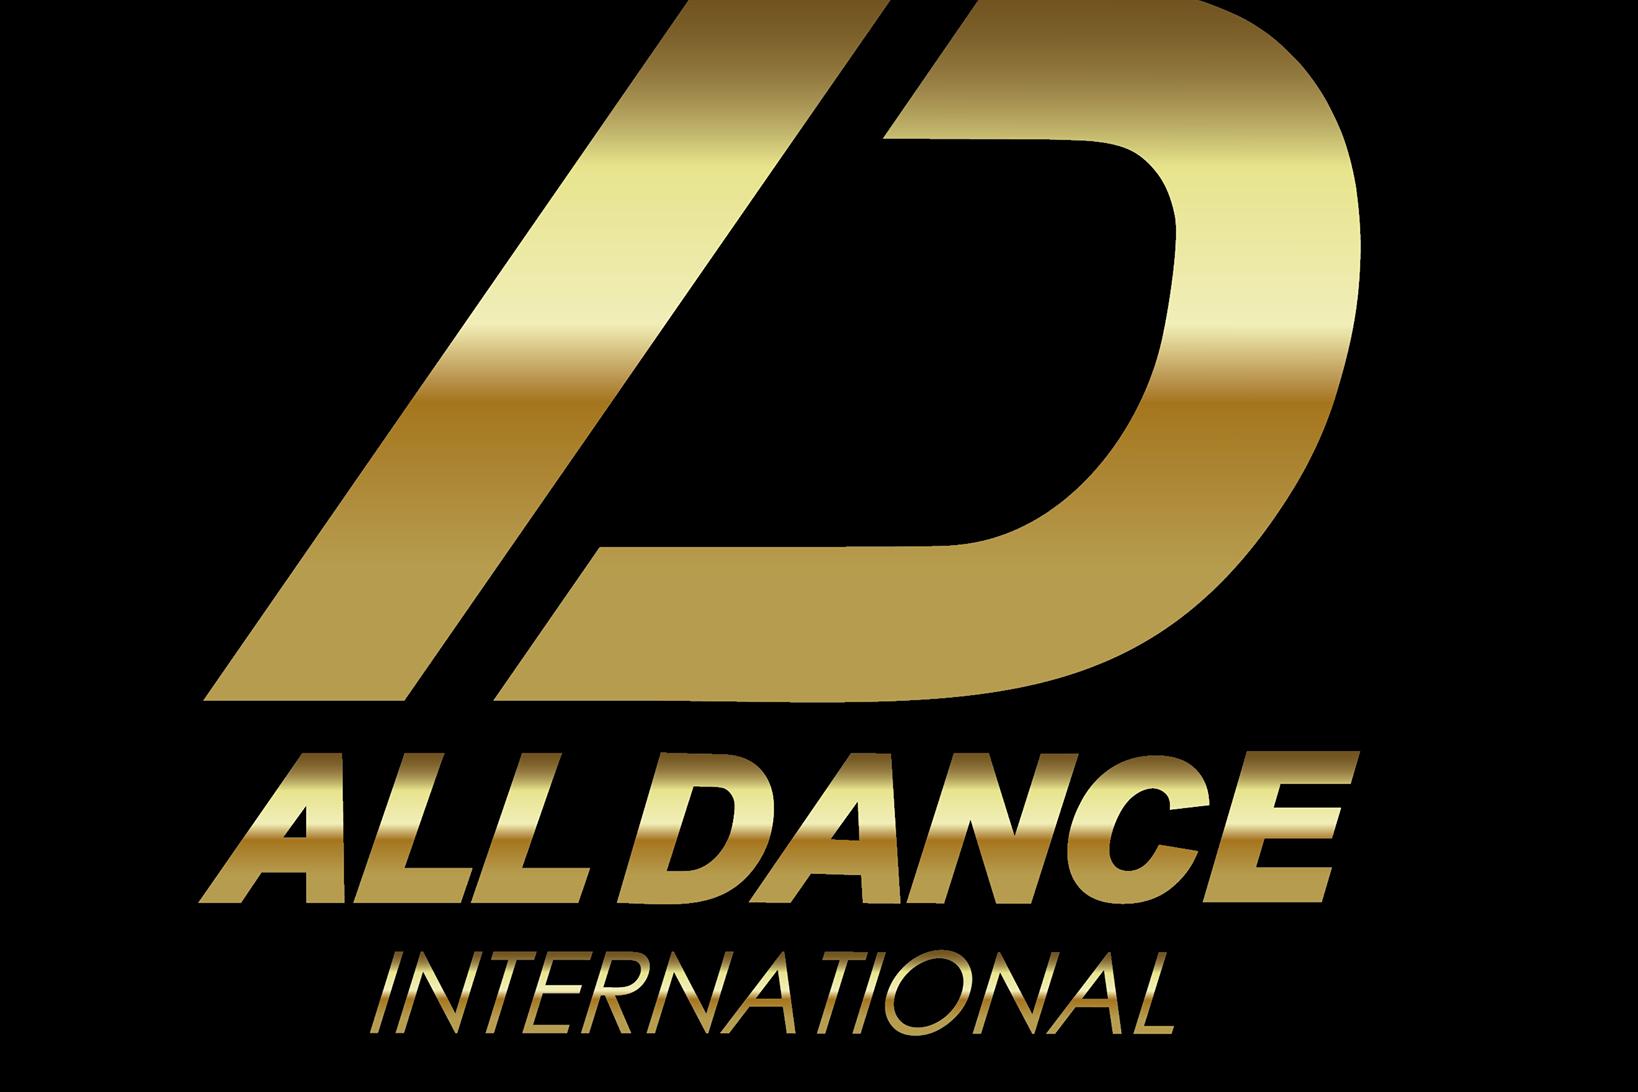 ALL_DANCE_INTERNATIONAL_LOGO_OFFICIAL